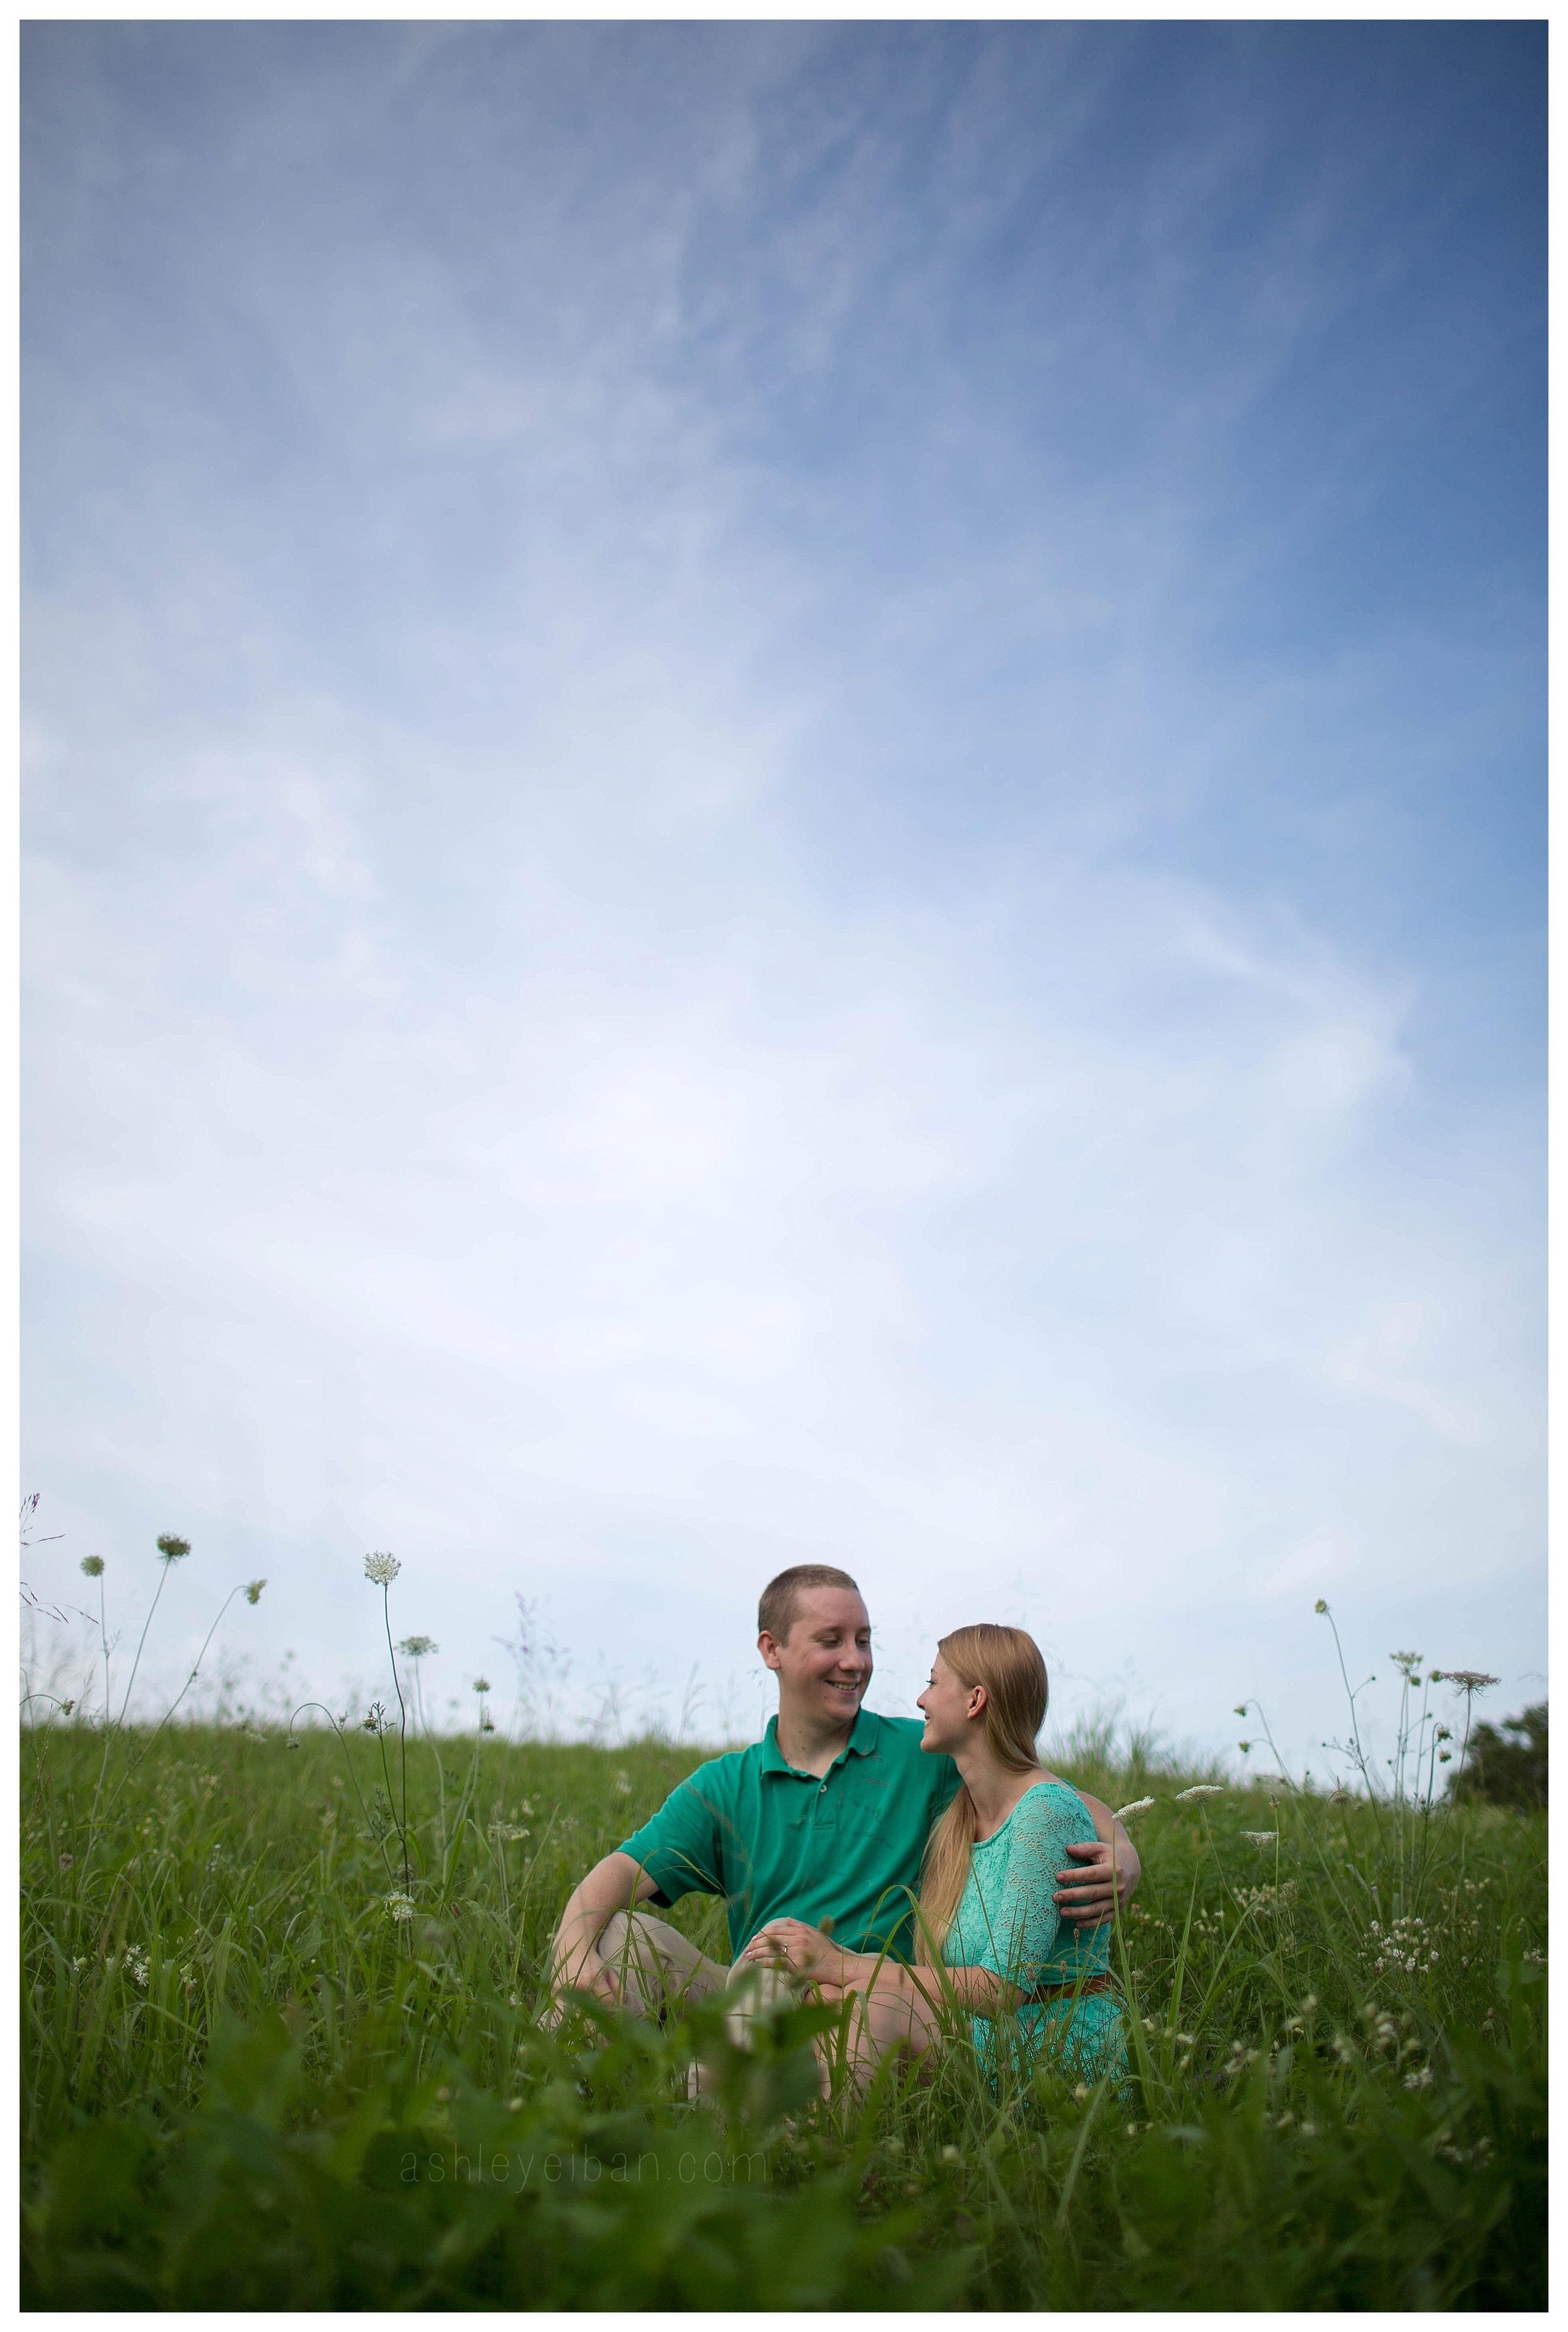 Lynchburg, Virginia Wedding Photographer || Ashley Eiban Photography || www.ashleyeiban.com